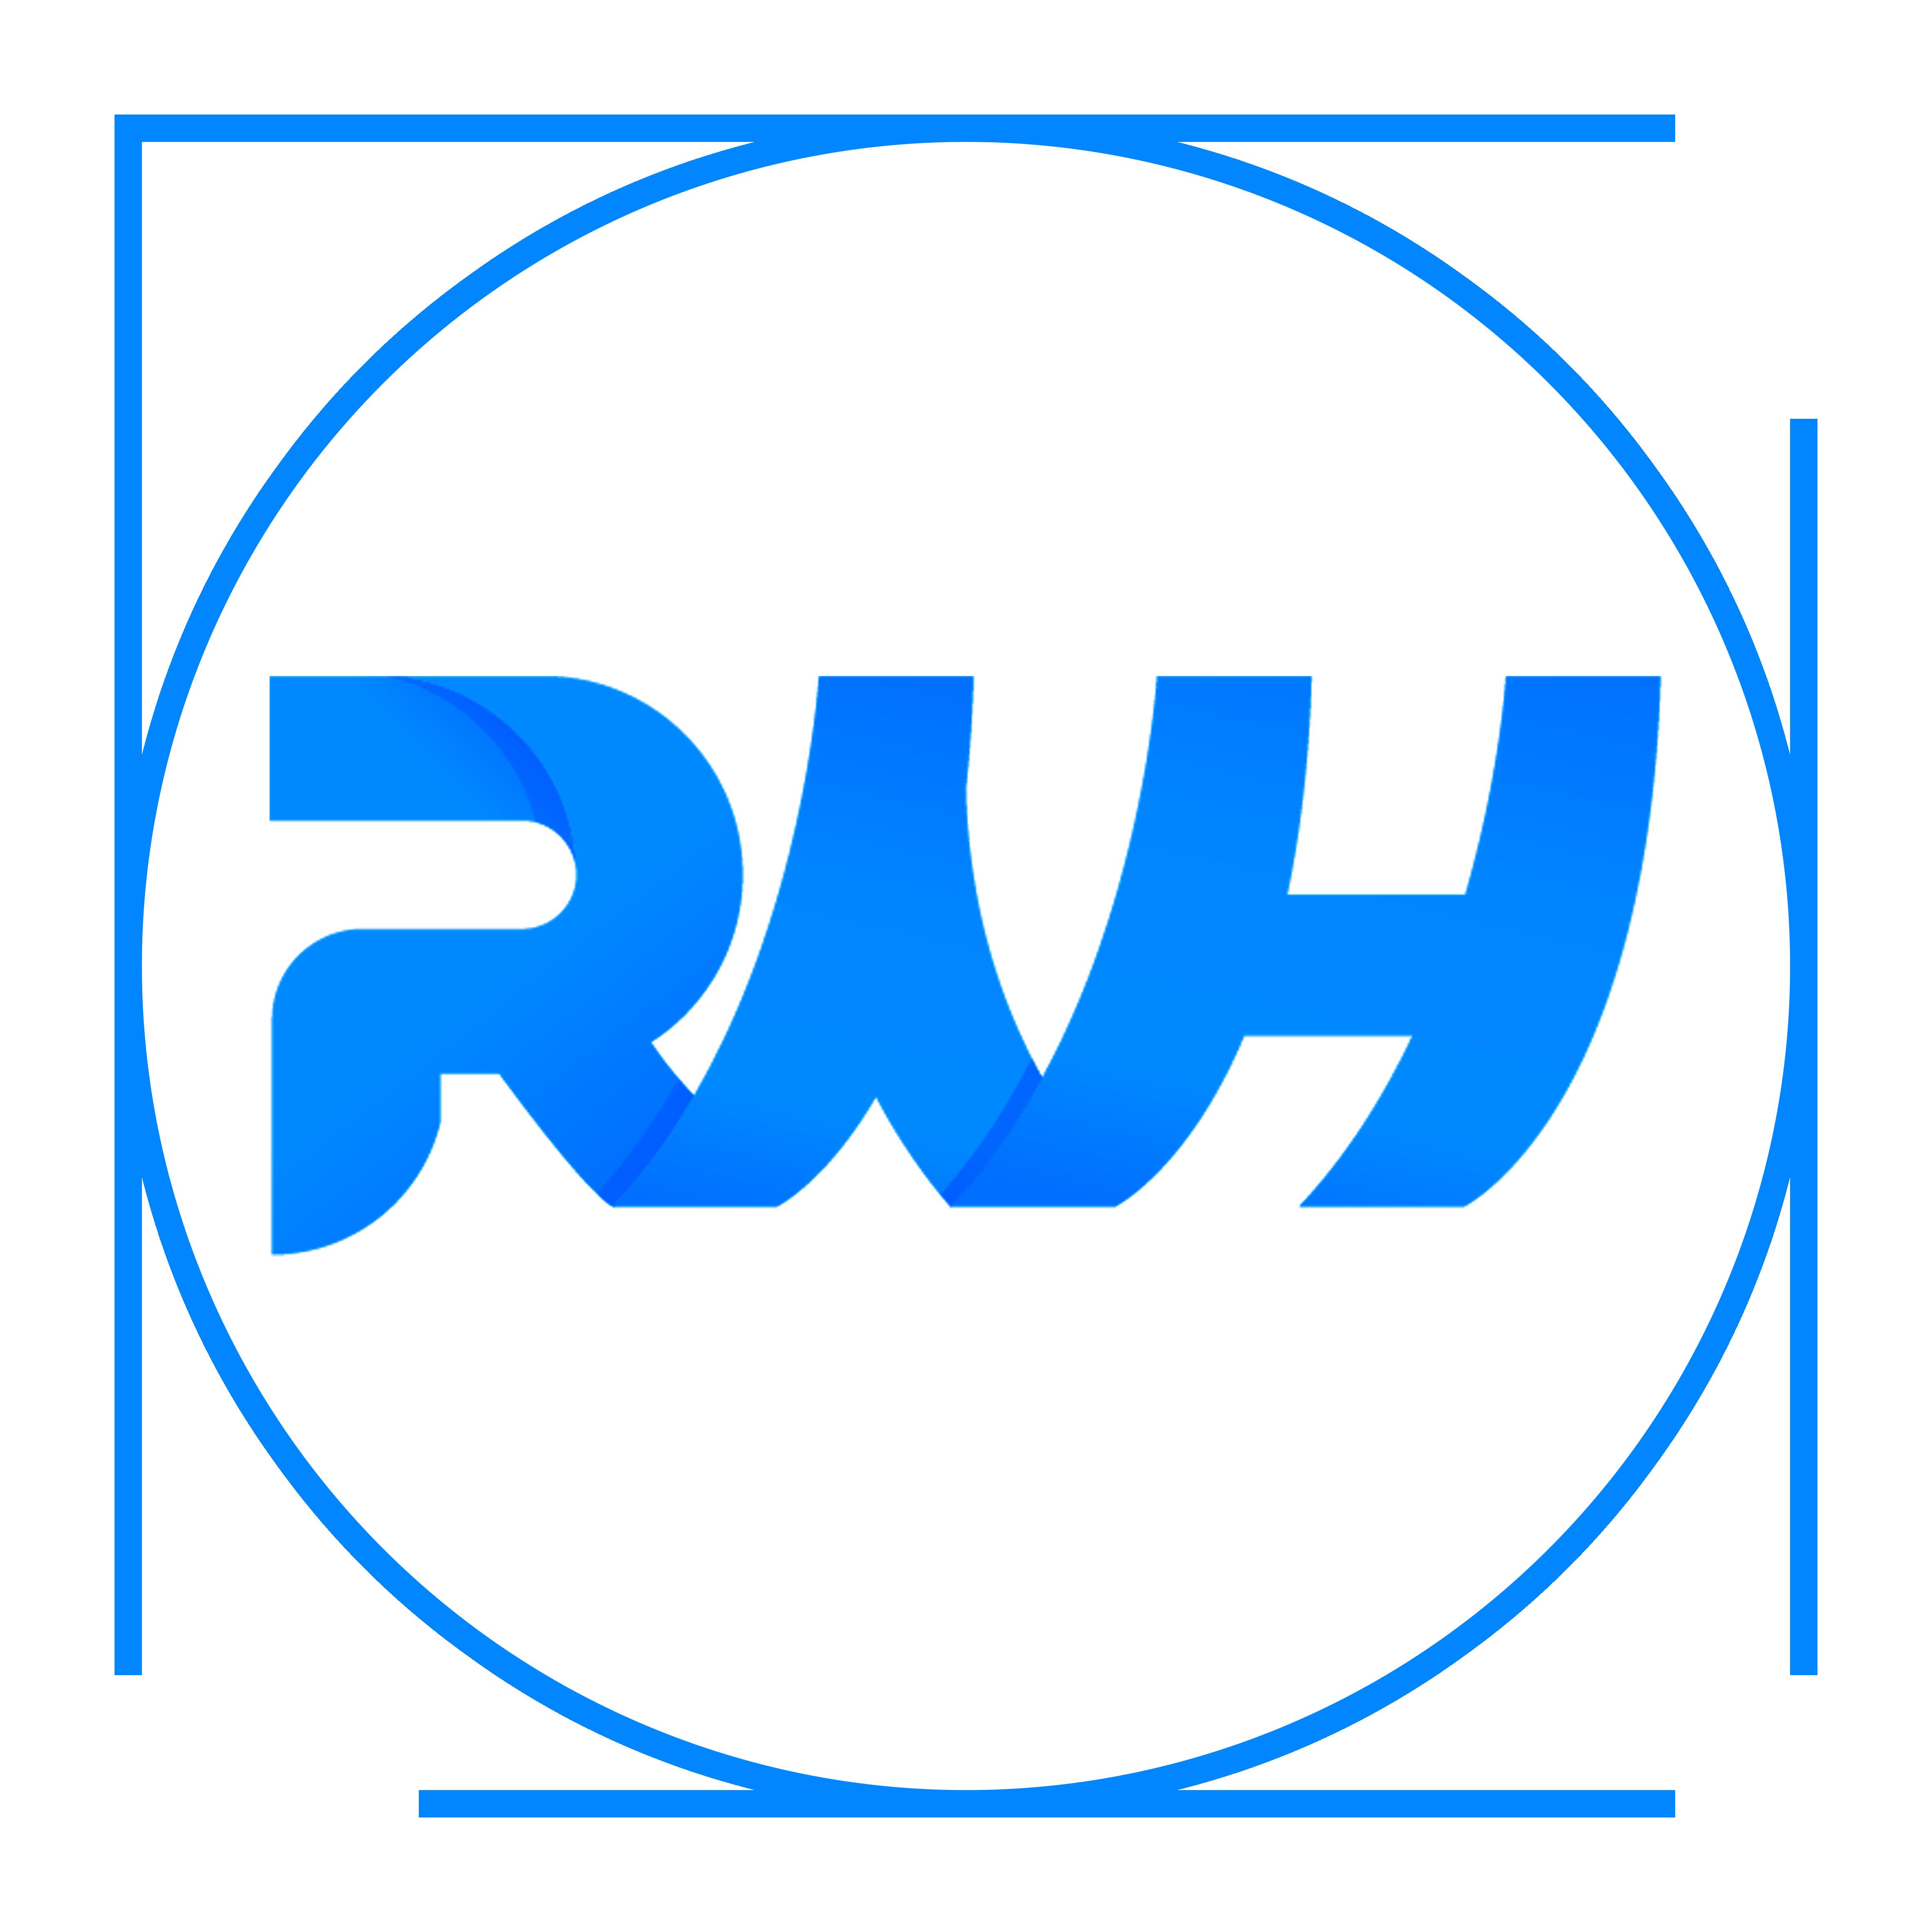 riauwebhost.com